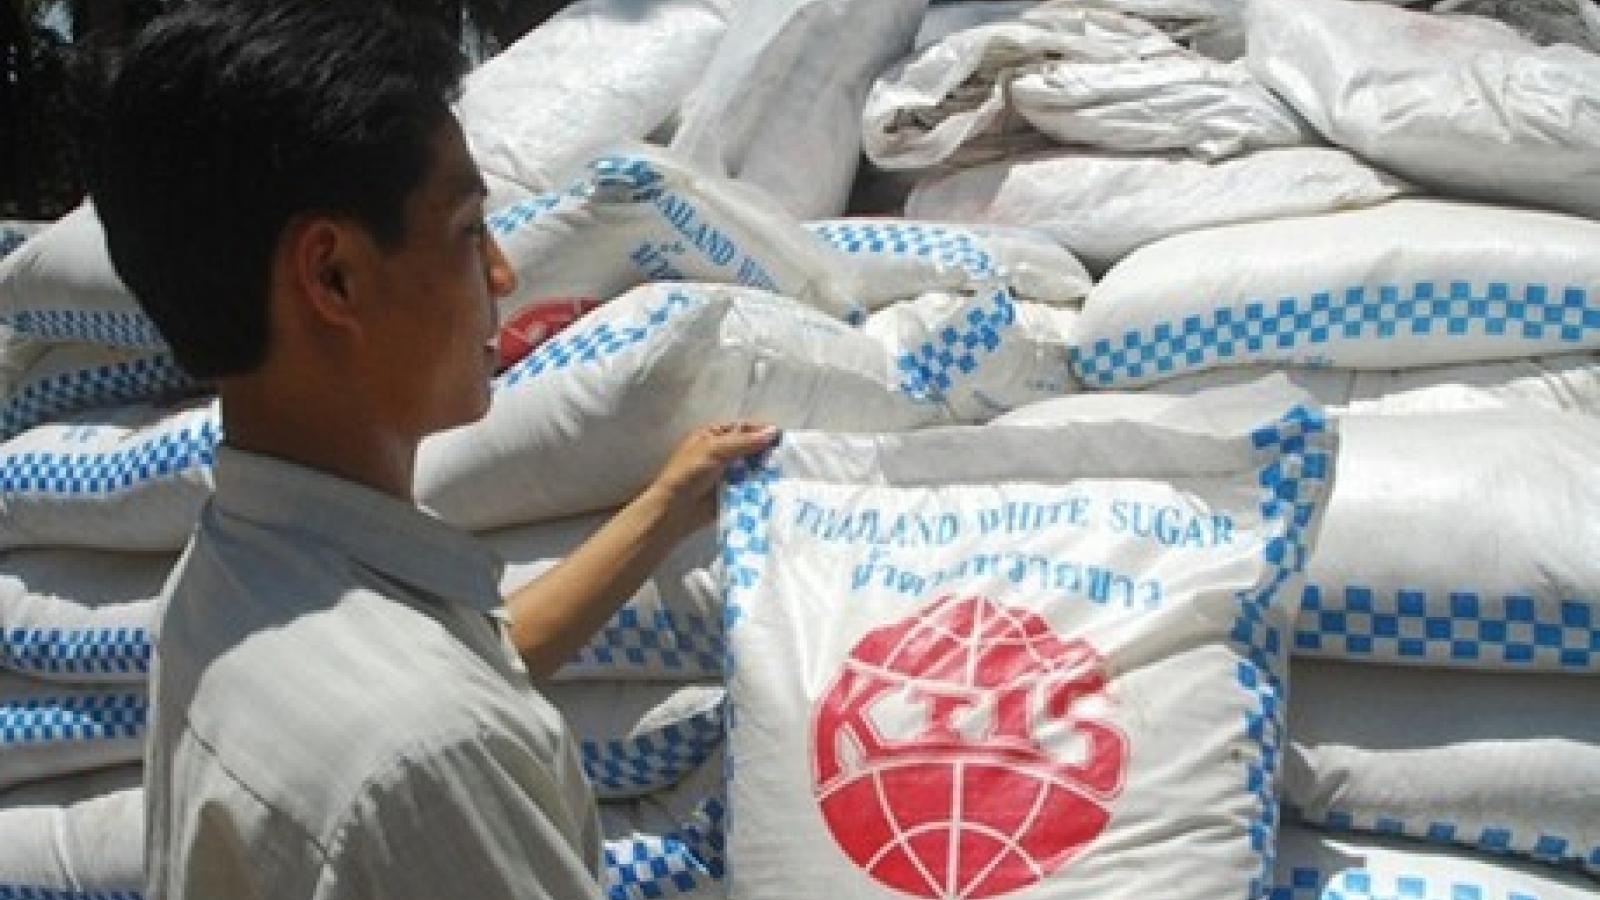 Bộ Công Thương xem xét điều tra sản phẩm đường mía nhập khẩu